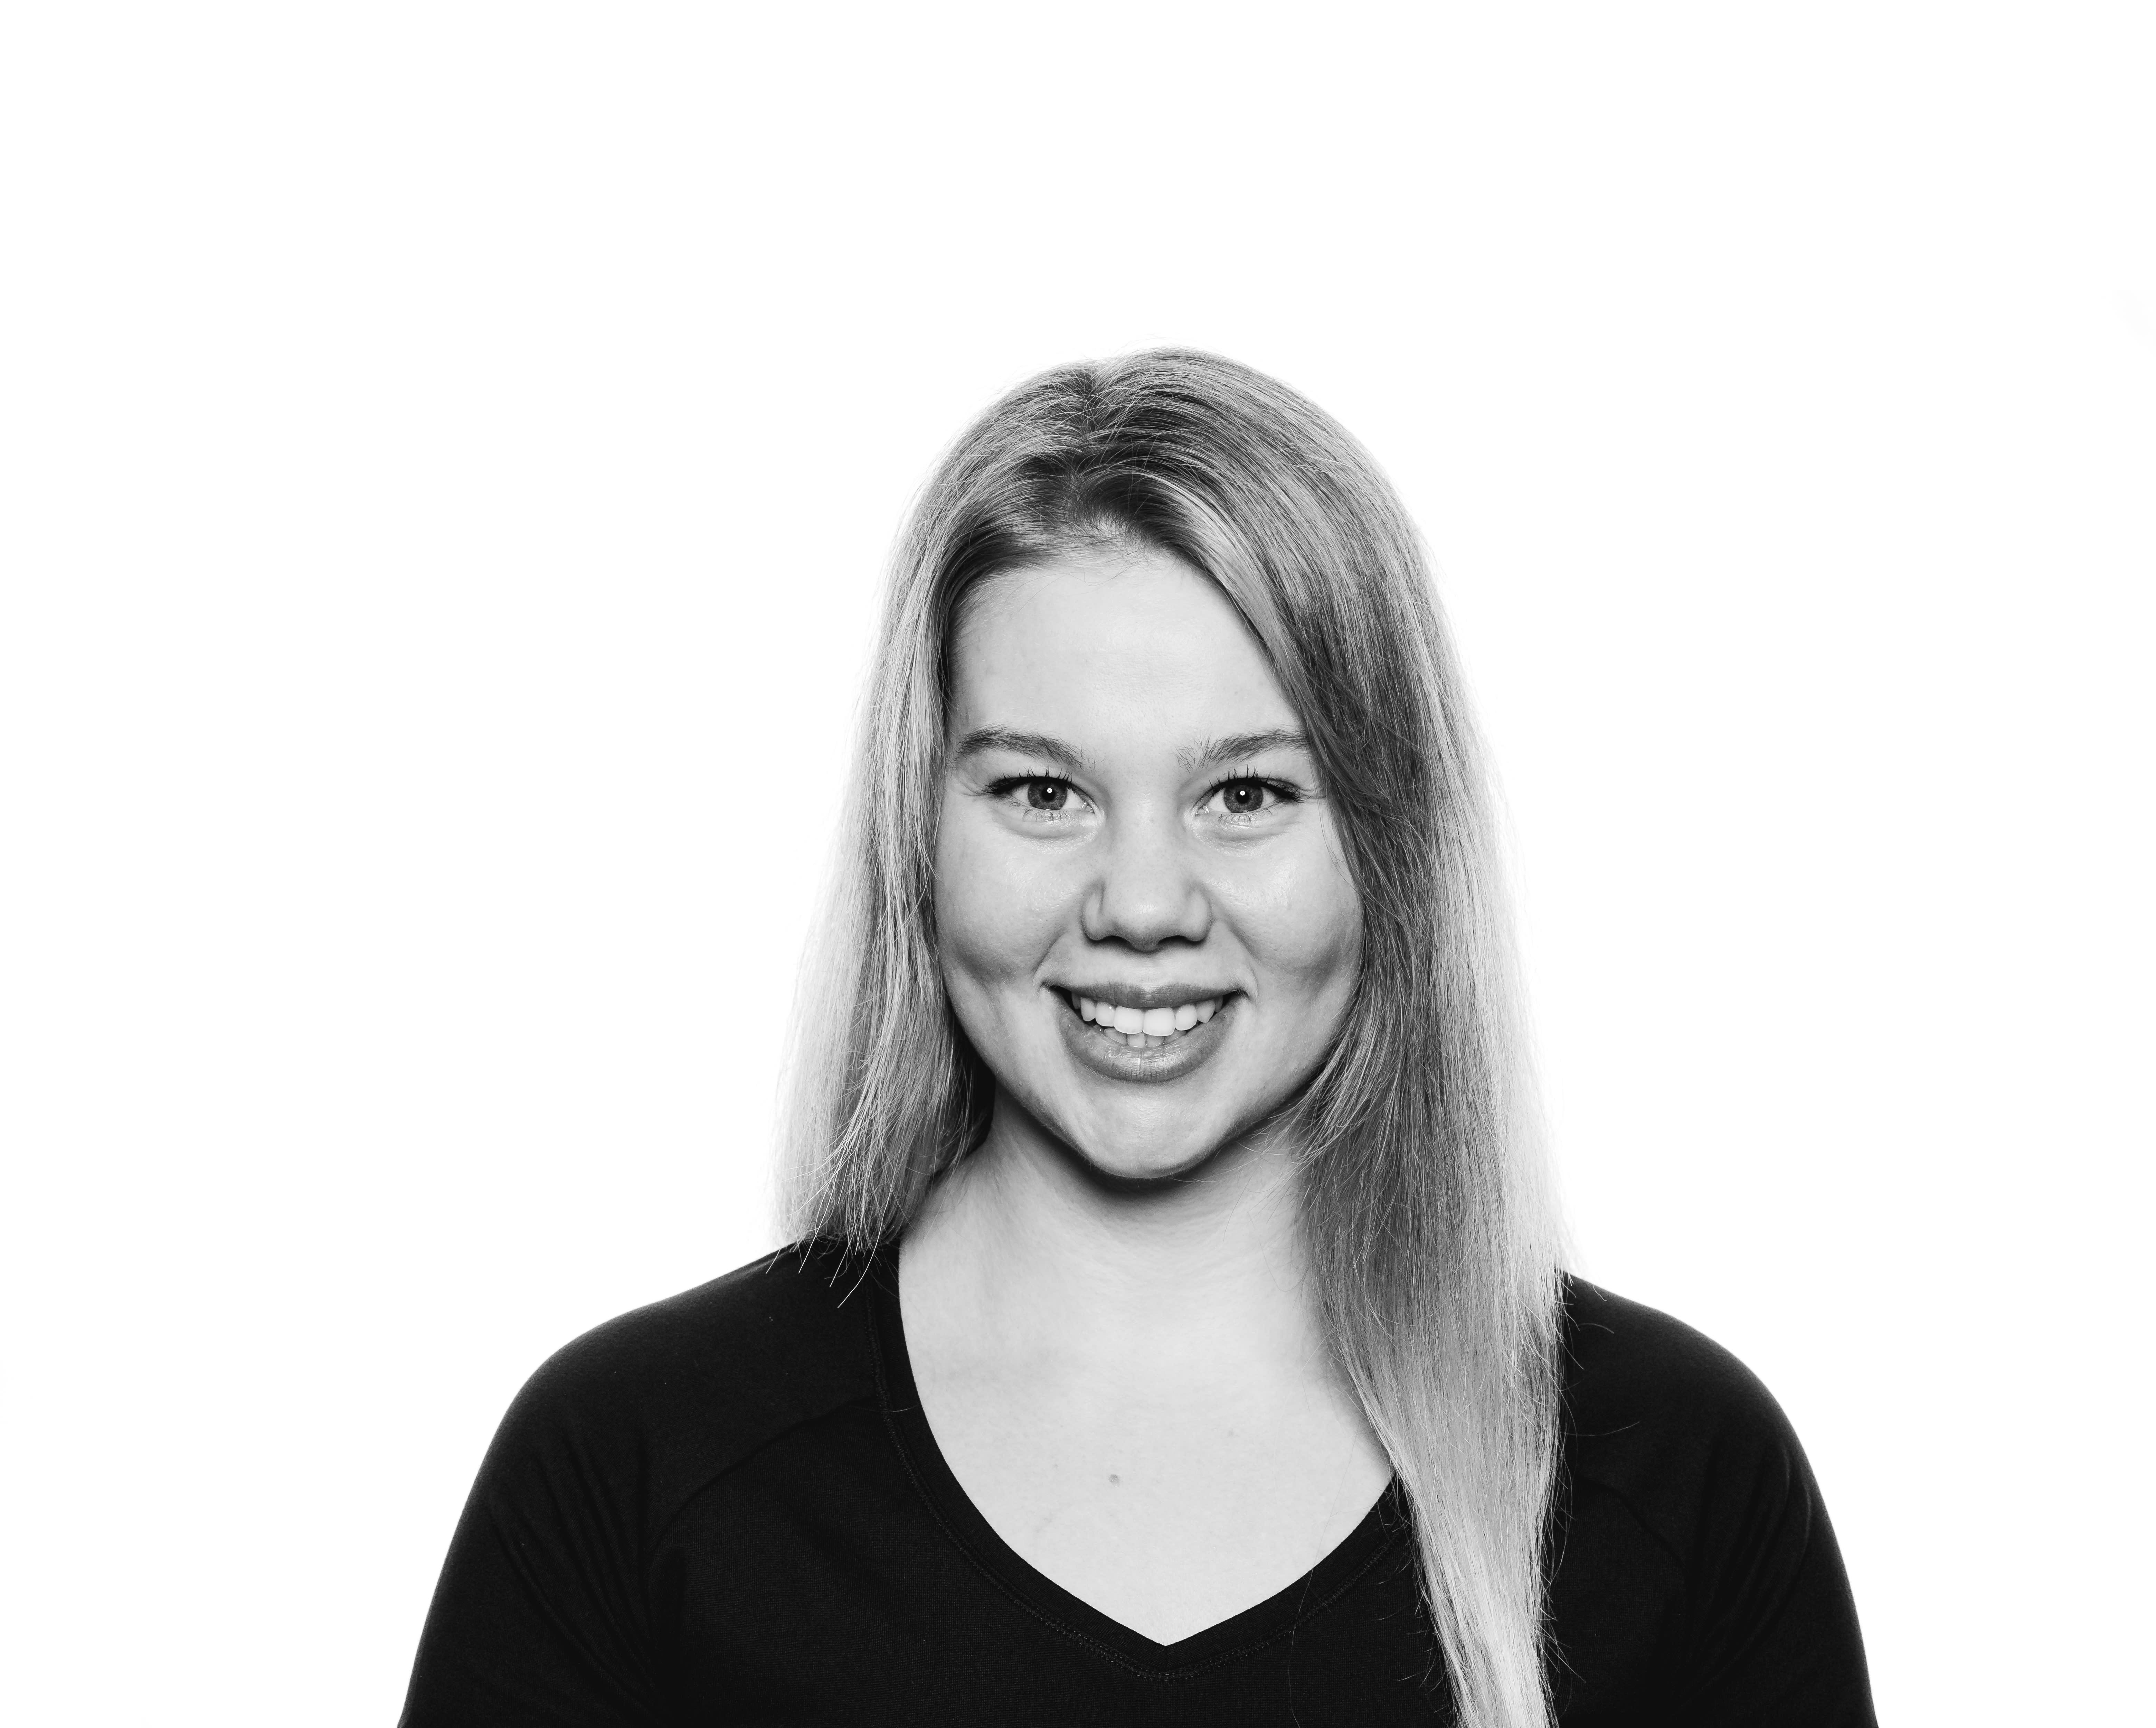 Mia Kjeldsen